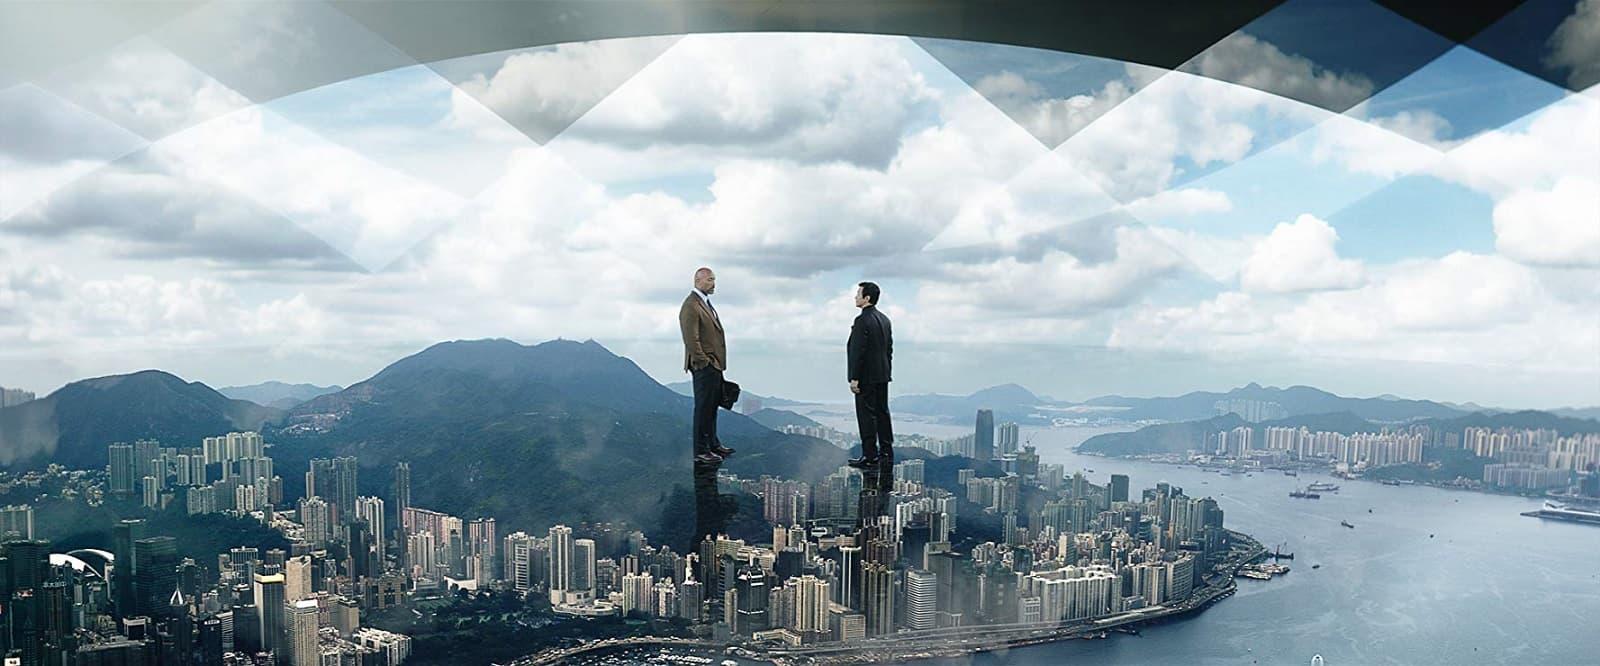 Небоскрёб, фильм Небоскрёб 2018, Рецензия, Обзор, Отзыв, Мнение, Skyscraper, Skyscraper 2018, Review